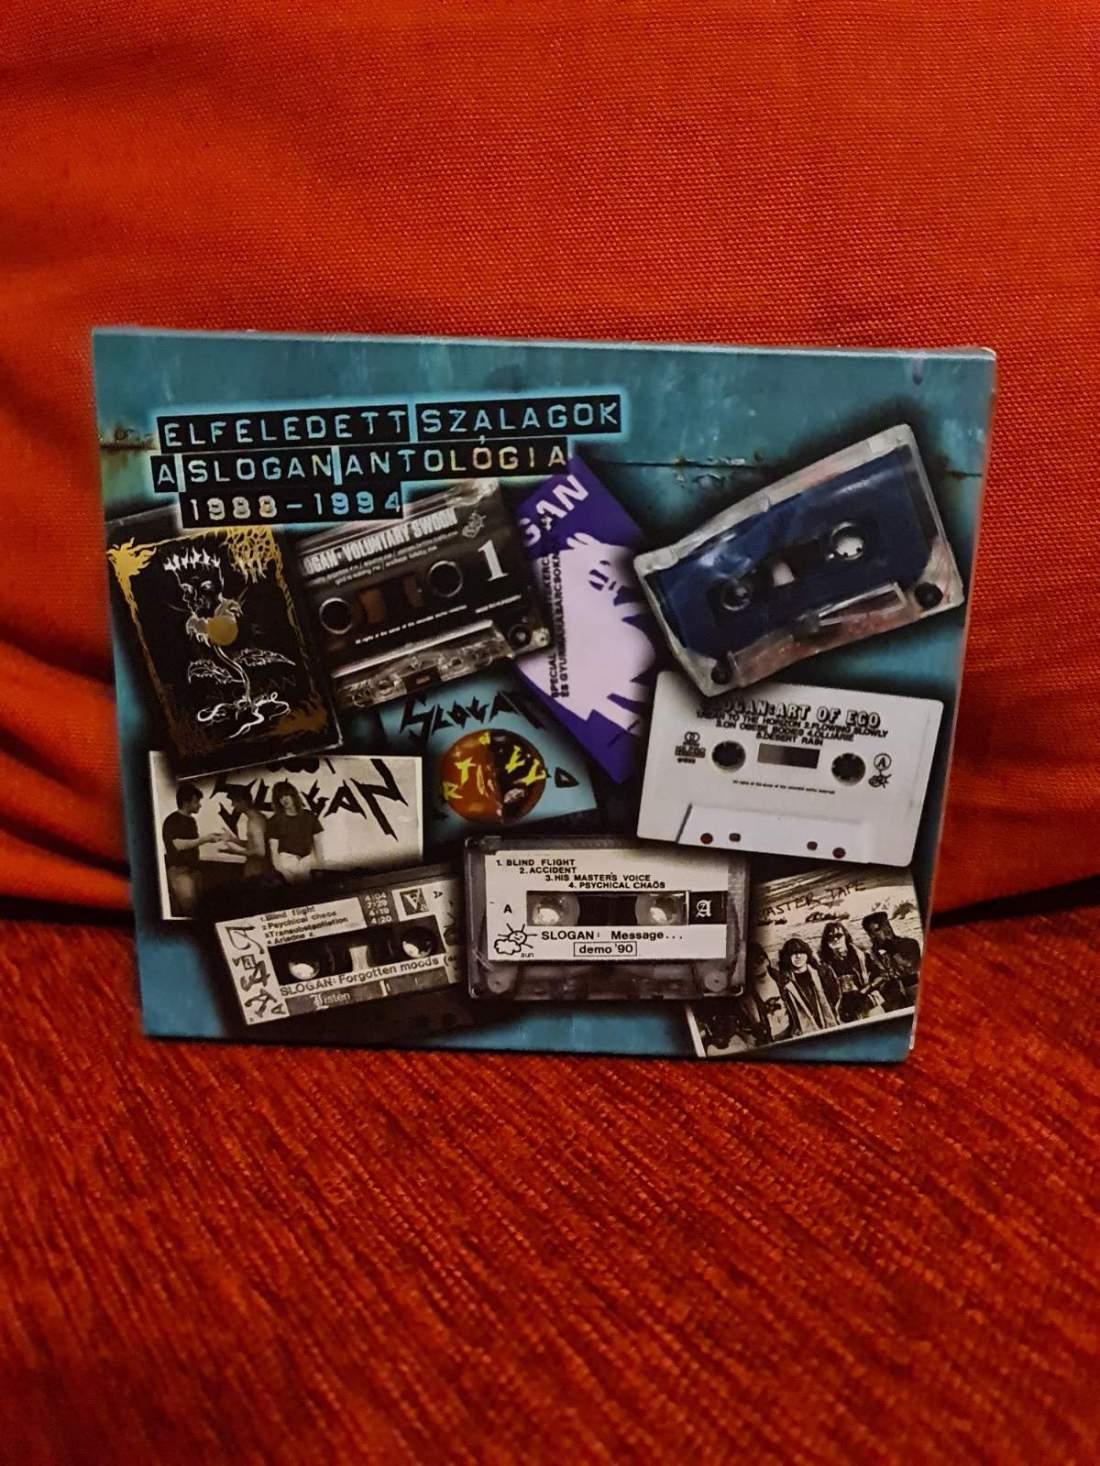 SLOGAN ANTOLÓGIA 1988-1994 - ELFELEDETT SZALAGOK 3CD